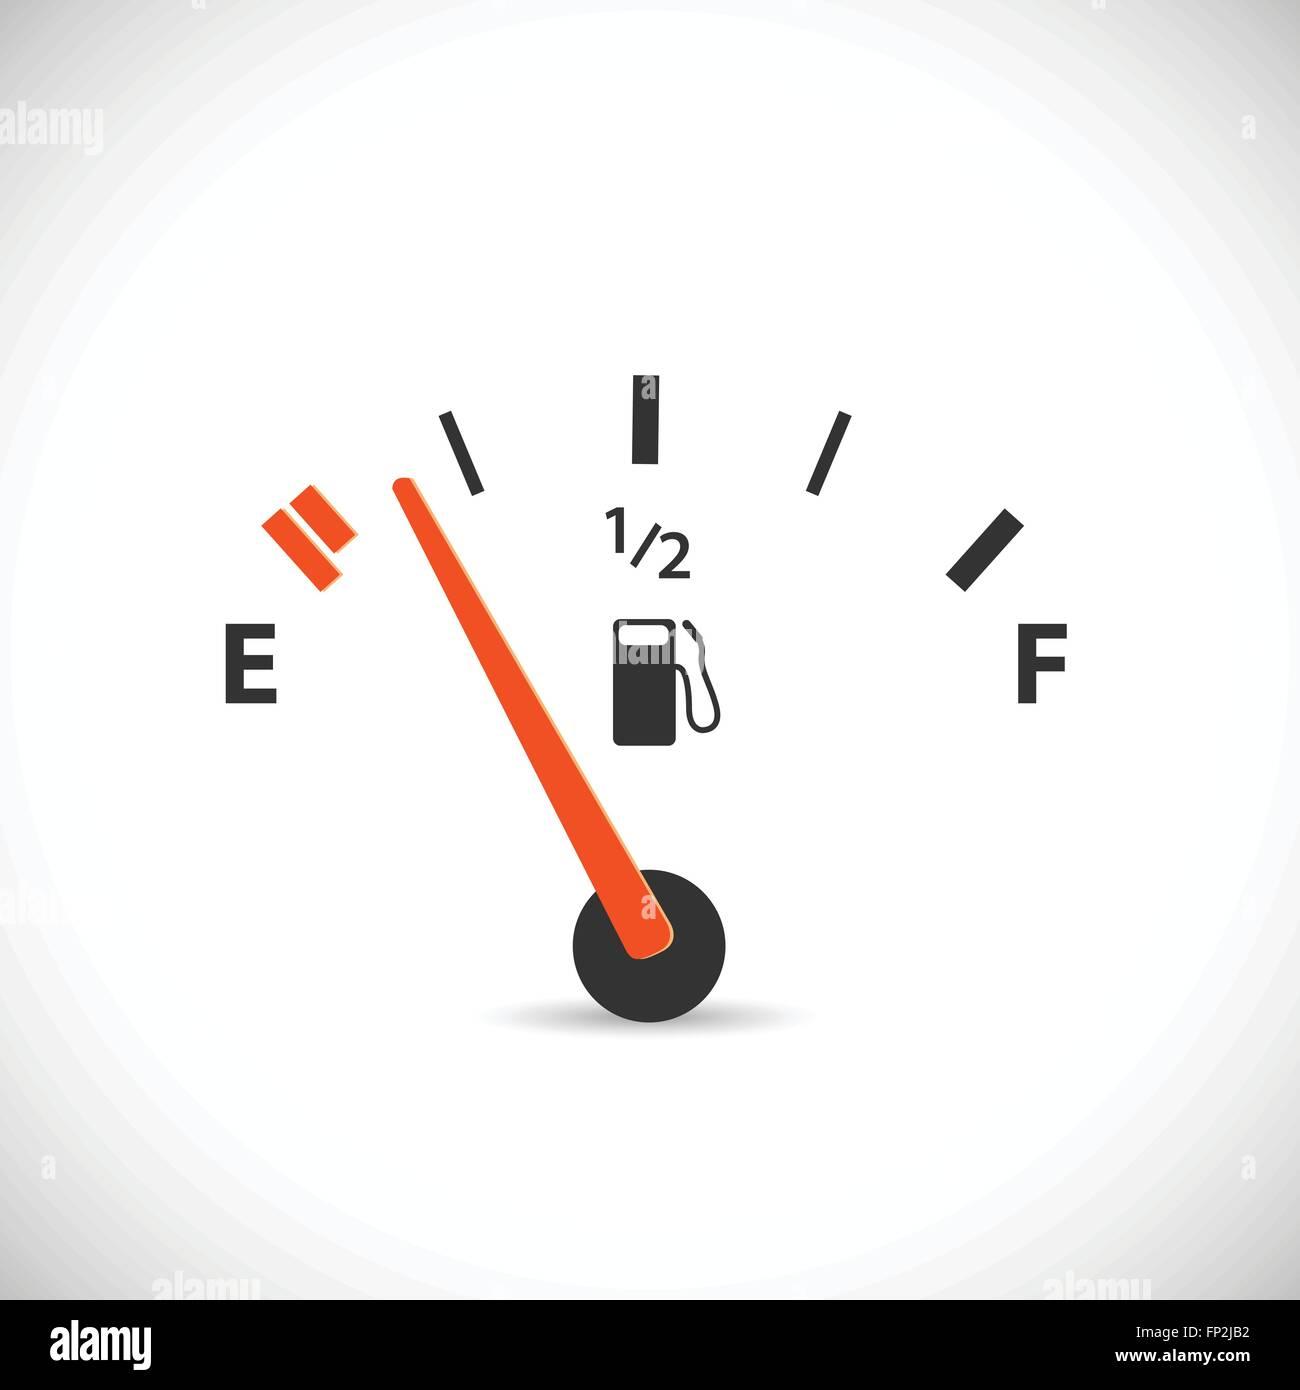 Illustrazione di un gas gage isolato su uno sfondo bianco. Immagini Stock